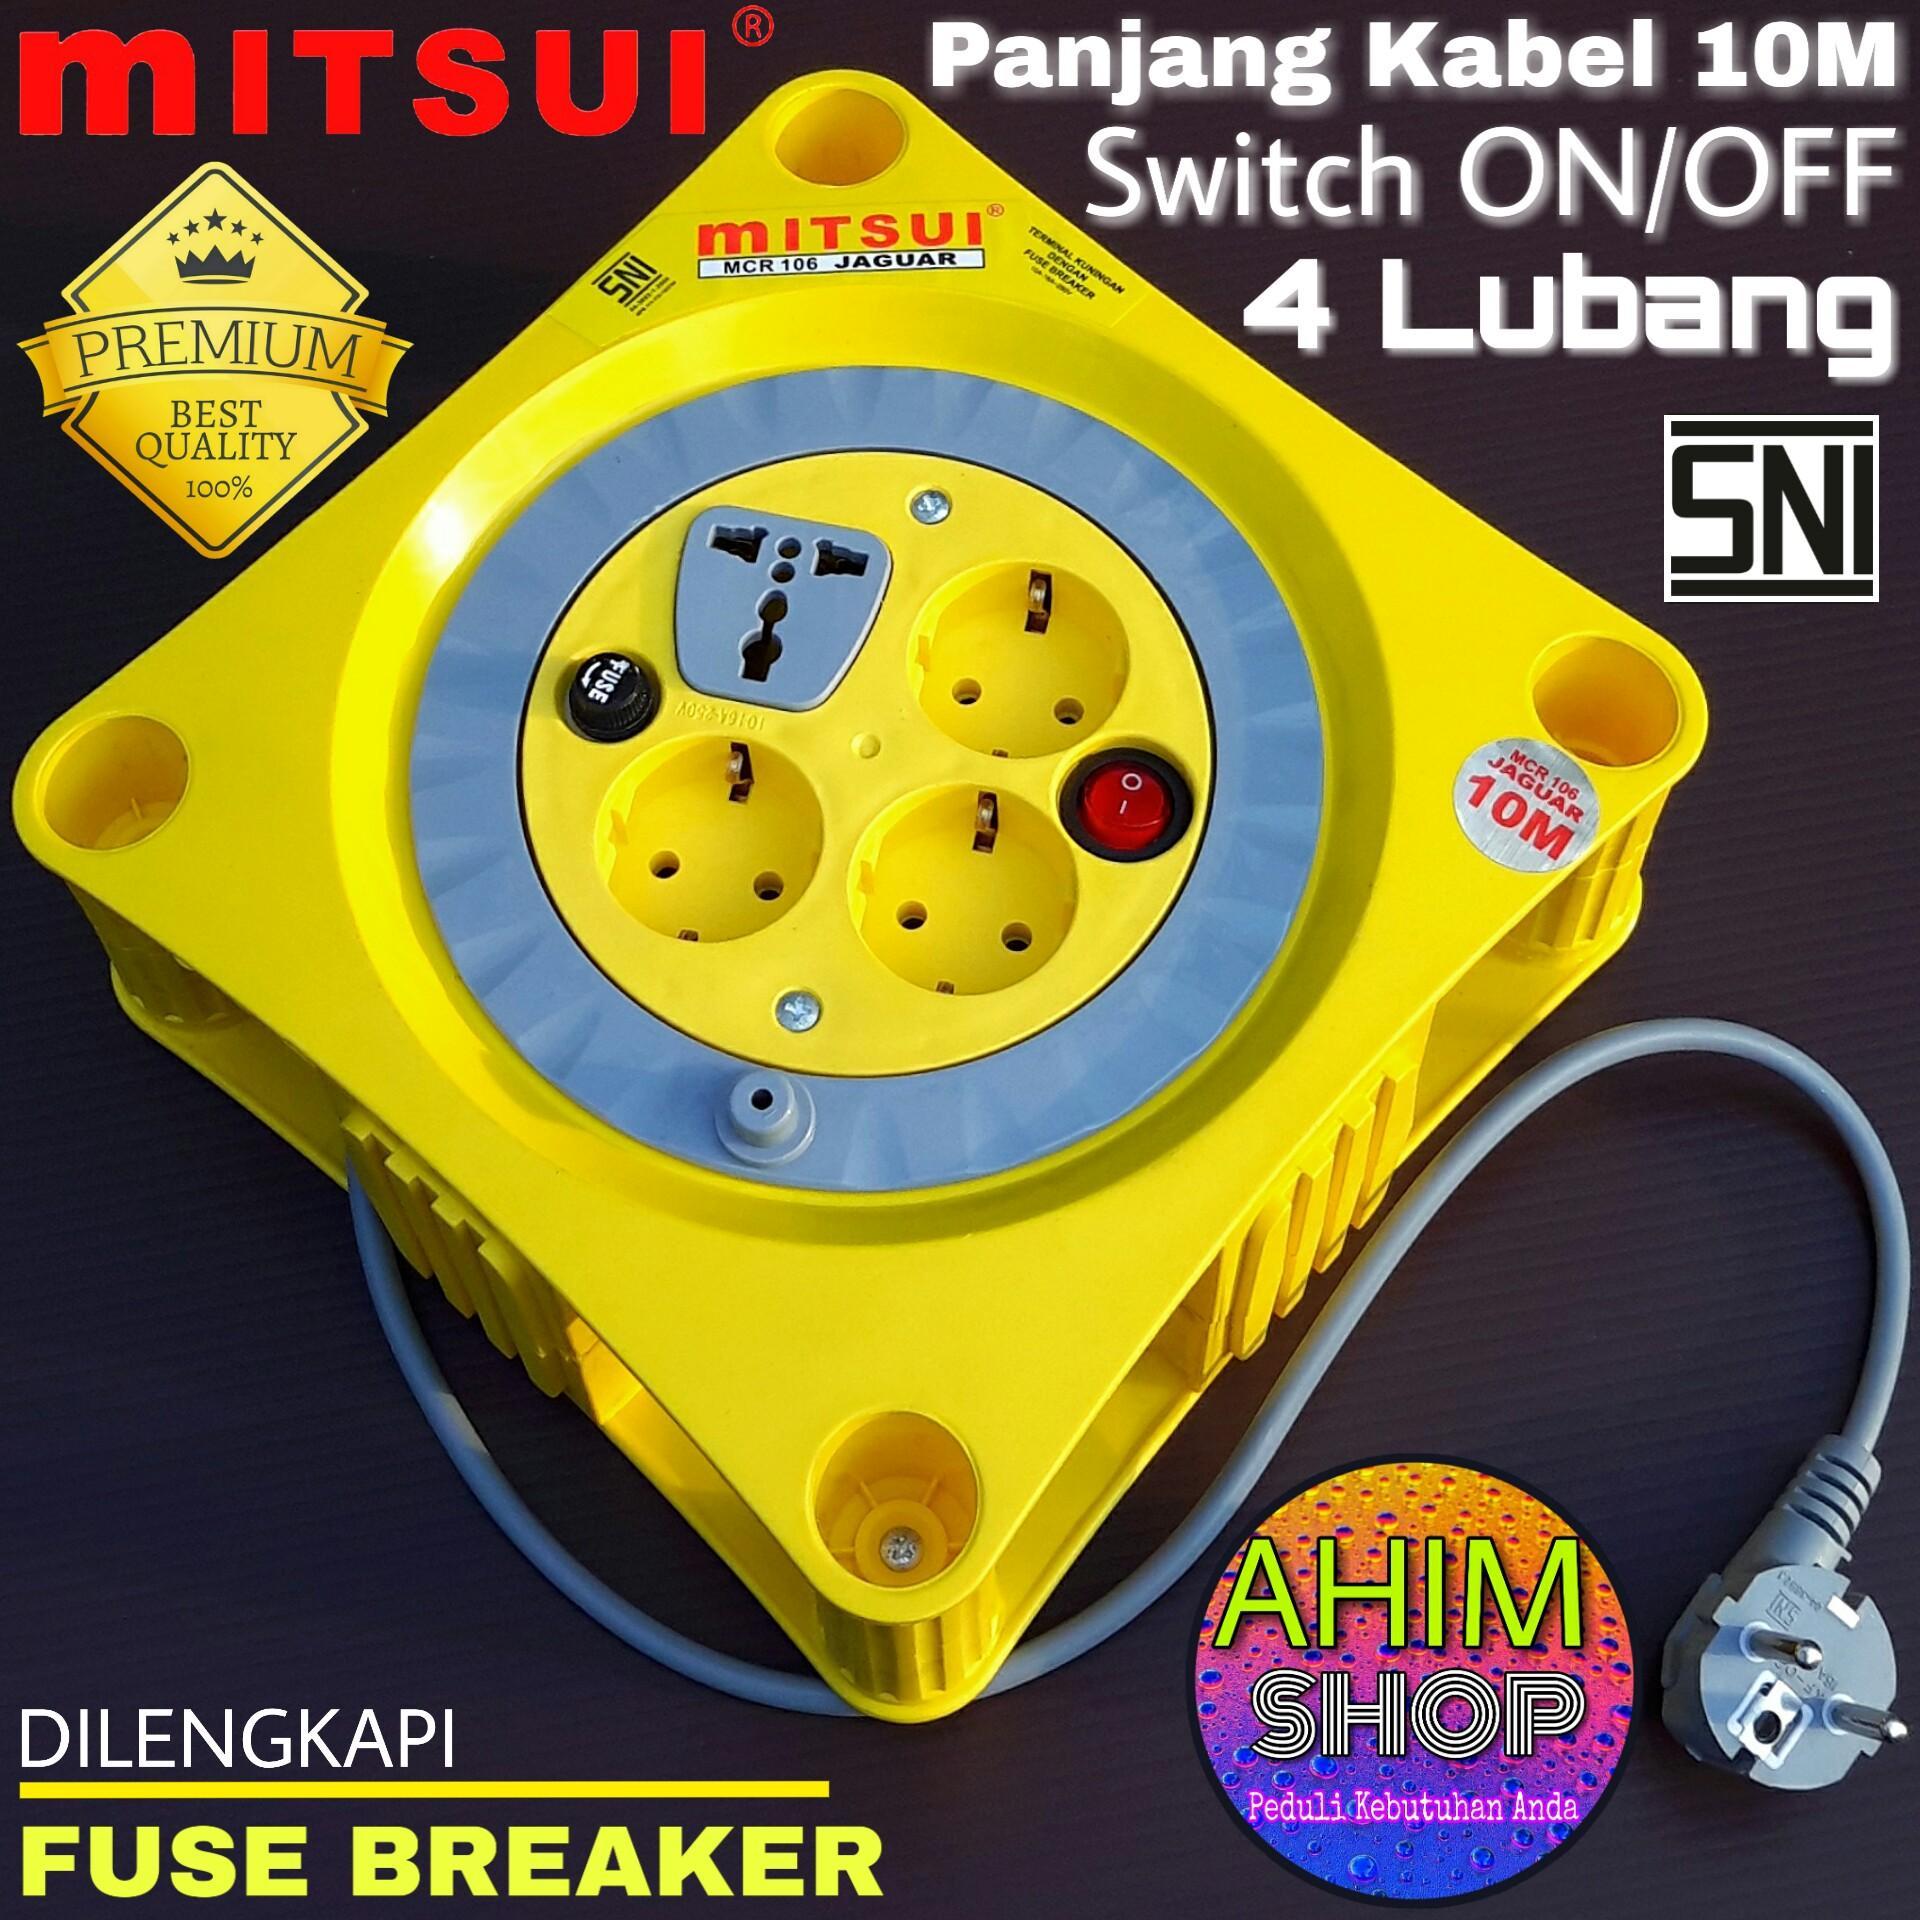 Mitsui Kabel Roll Stop Kontak Listrik 10M 4 Lubang + Saklar ON/OFF SNI Best Quality MCR 106 JAGUAR (Kuning)